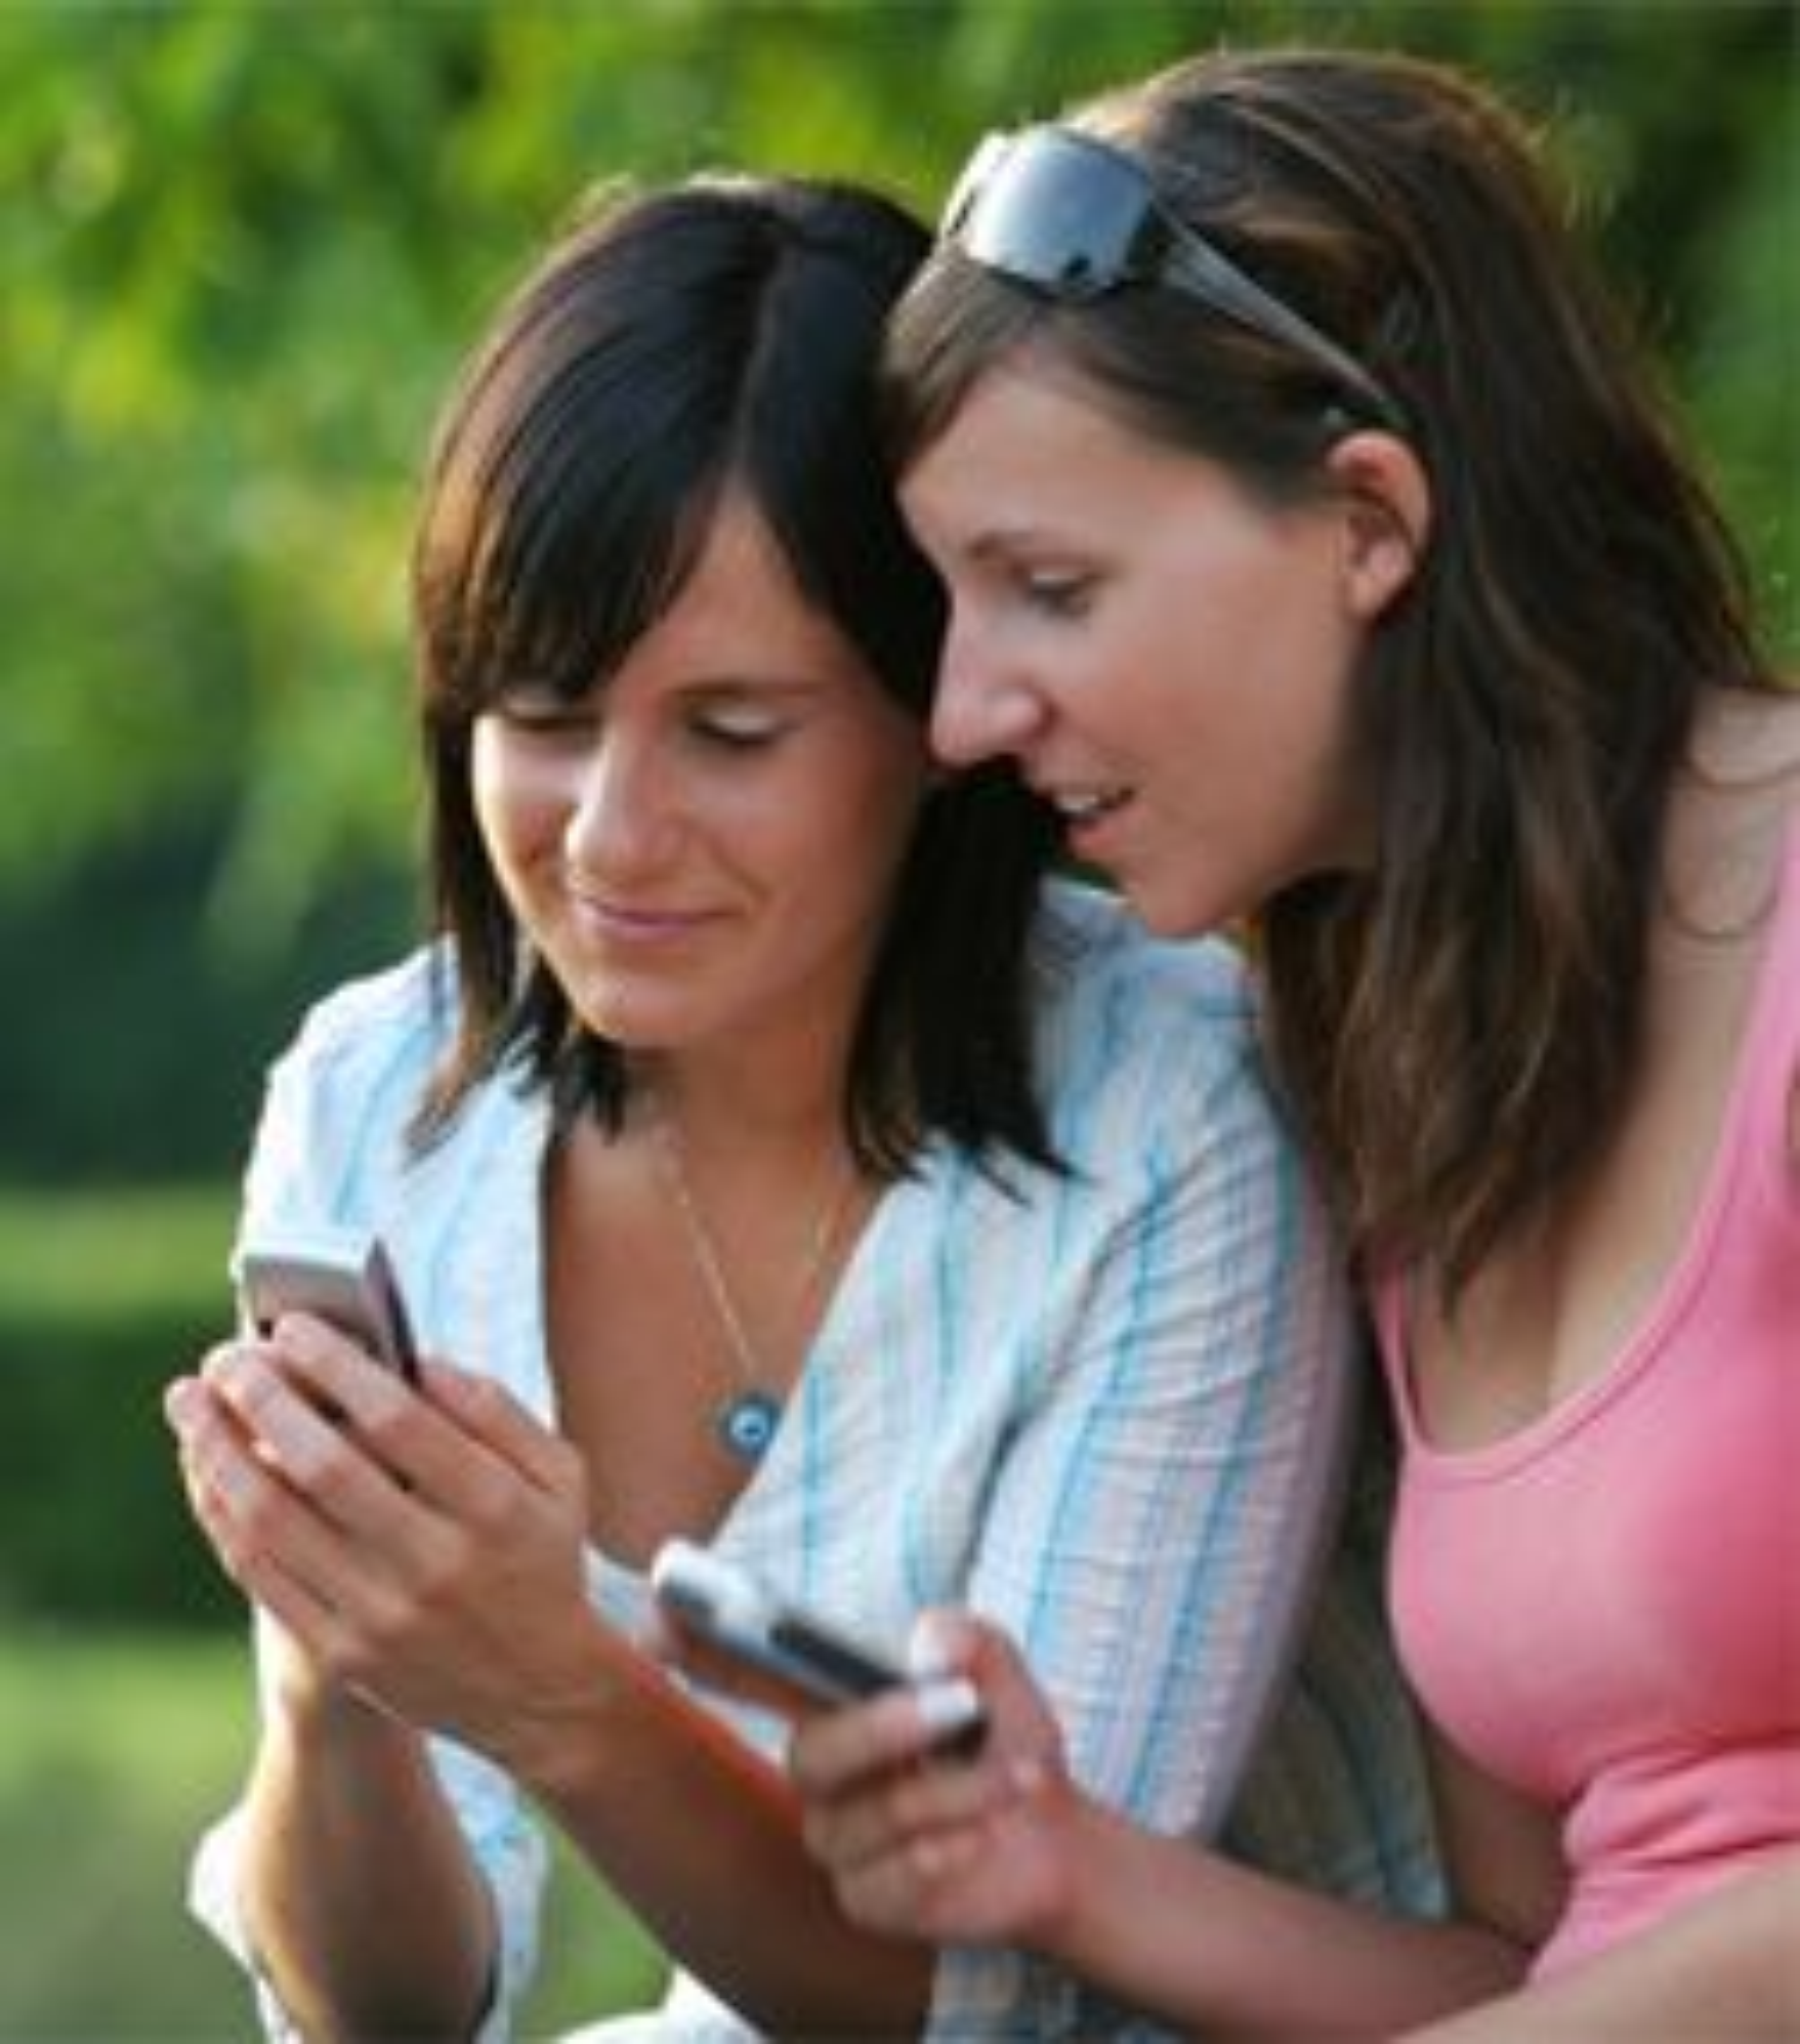 Mobilspill spås sterk vekst. (Foto: Istockphoto / Tomaz Levstek)